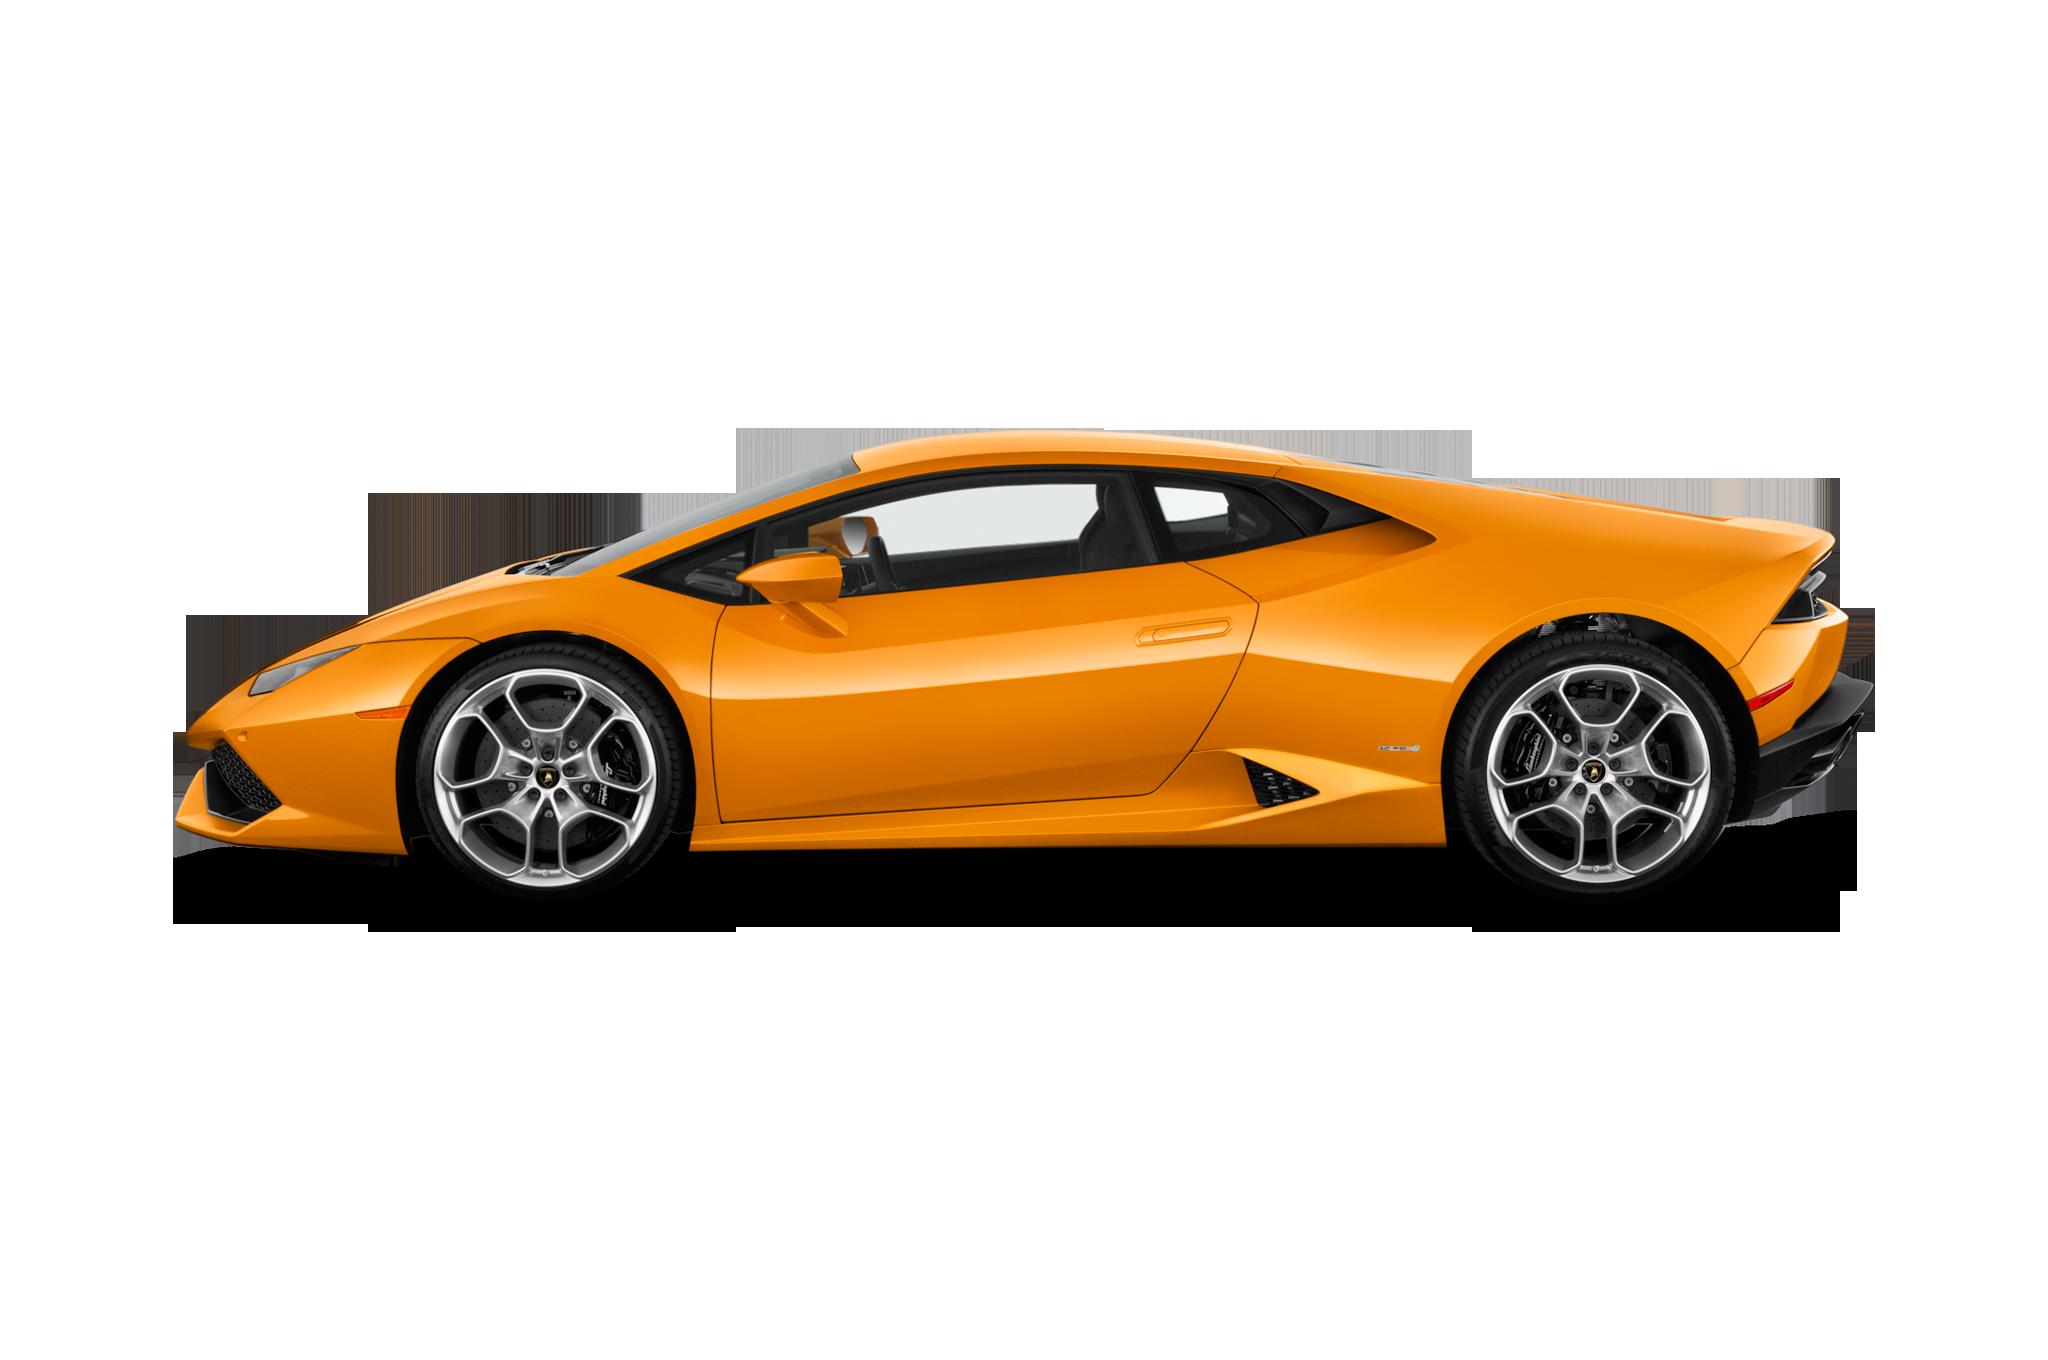 Exotic car clipart clip download First U.S. Customer Receives Lamborghini Centenario | Automobile ... clip download